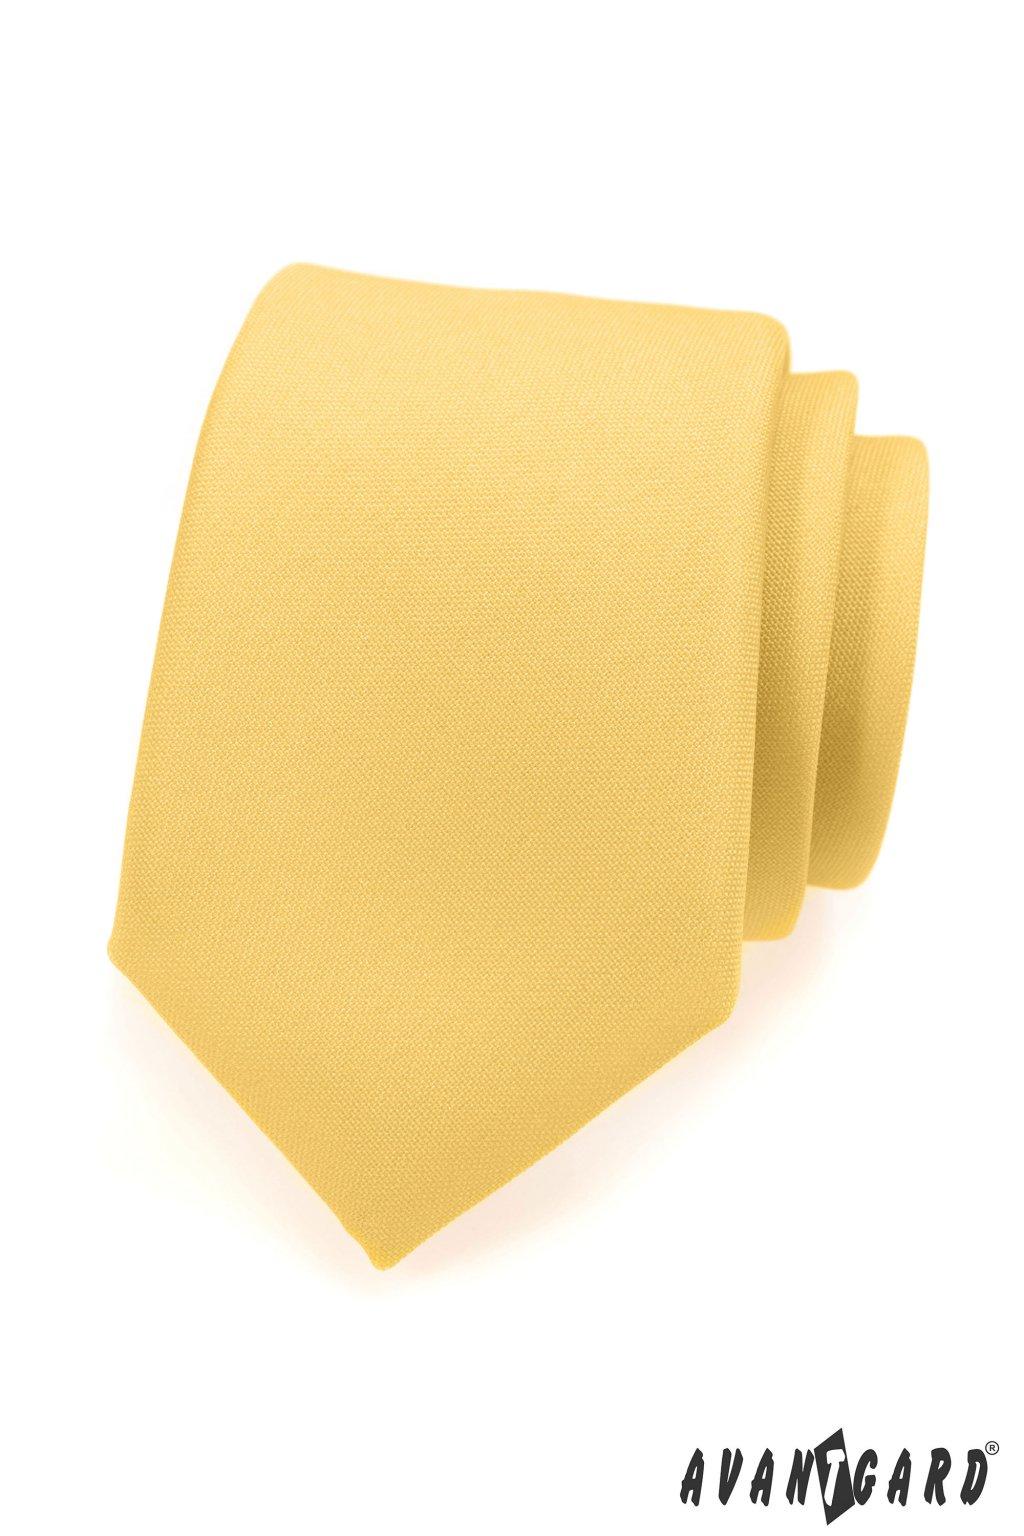 Kravata AVANTGARD LUX žlutá 561 - 9826